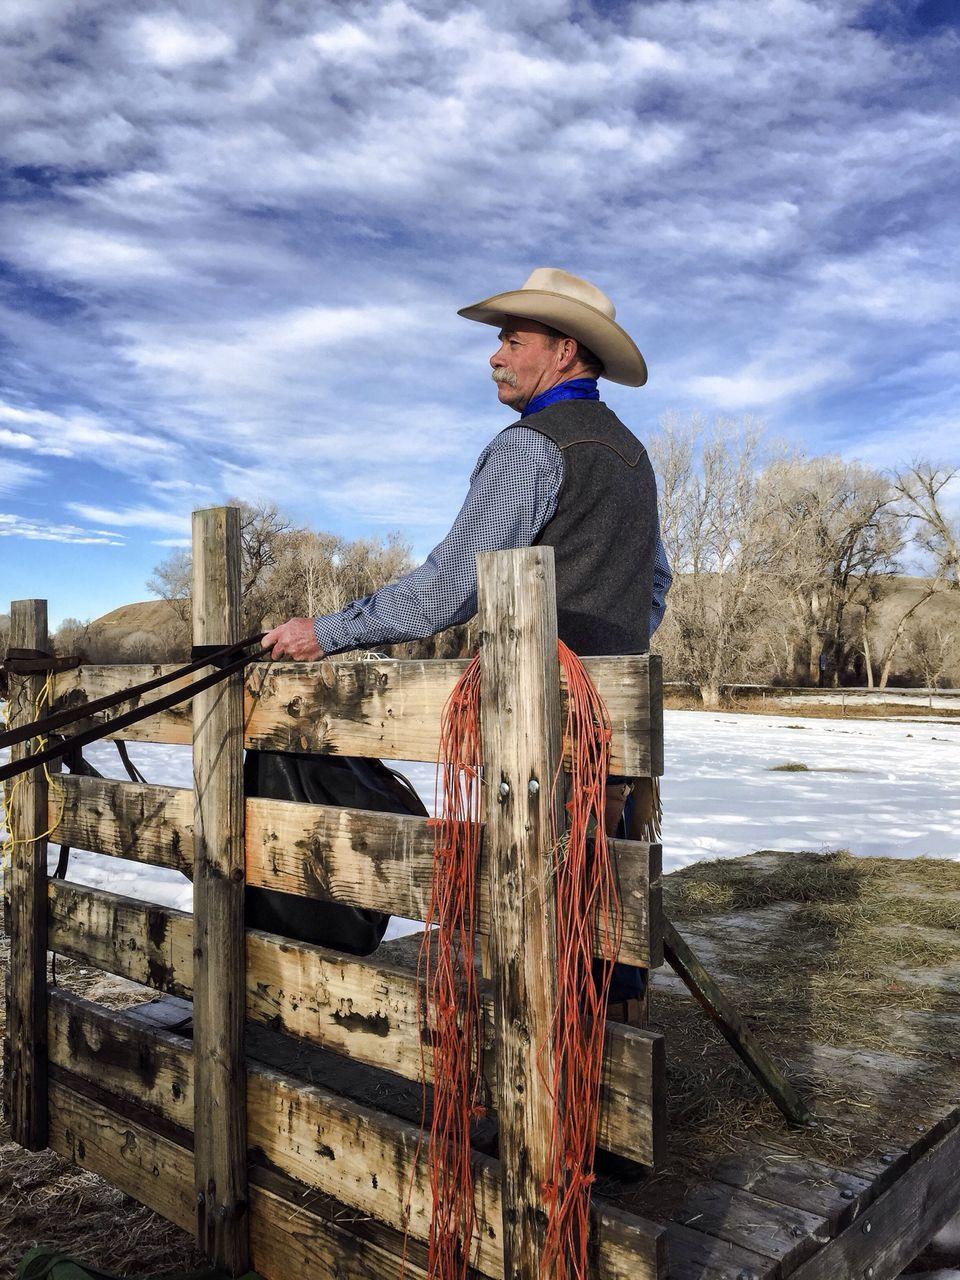 Senior Cowboy At Ranch Against Sky